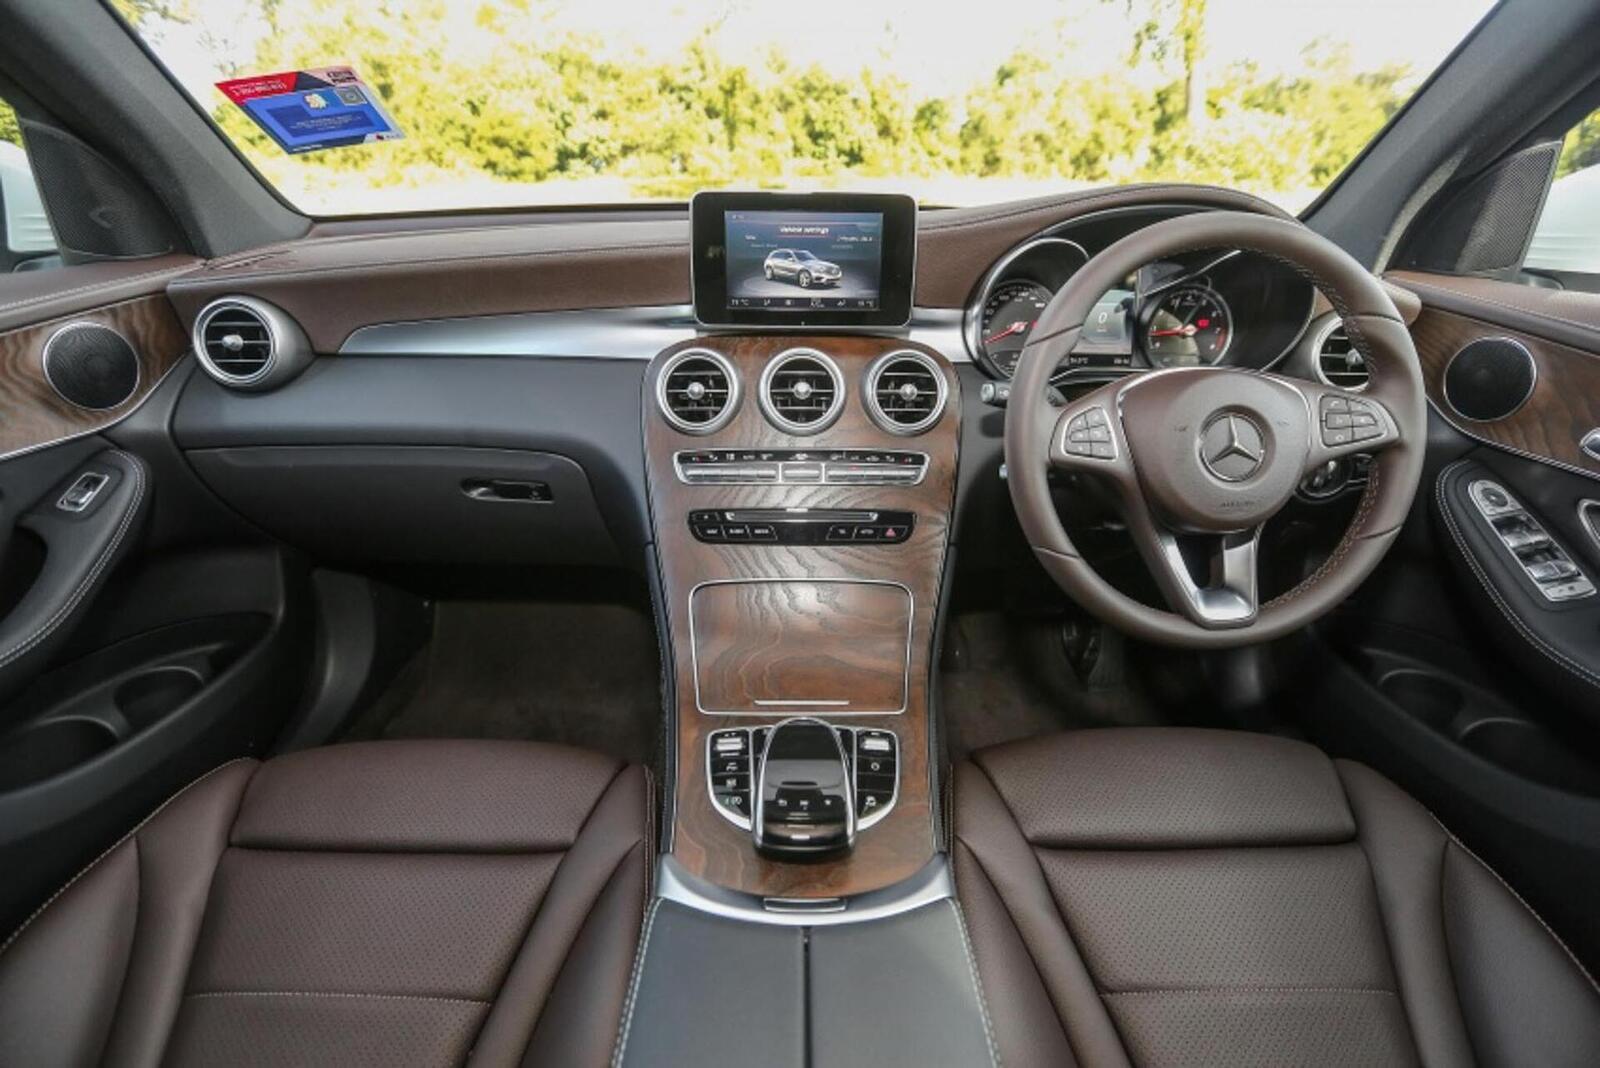 Mercedes-Benz GLC 200 có thể sẽ về Việt Nam với giá rẻ hơn - Hình 4